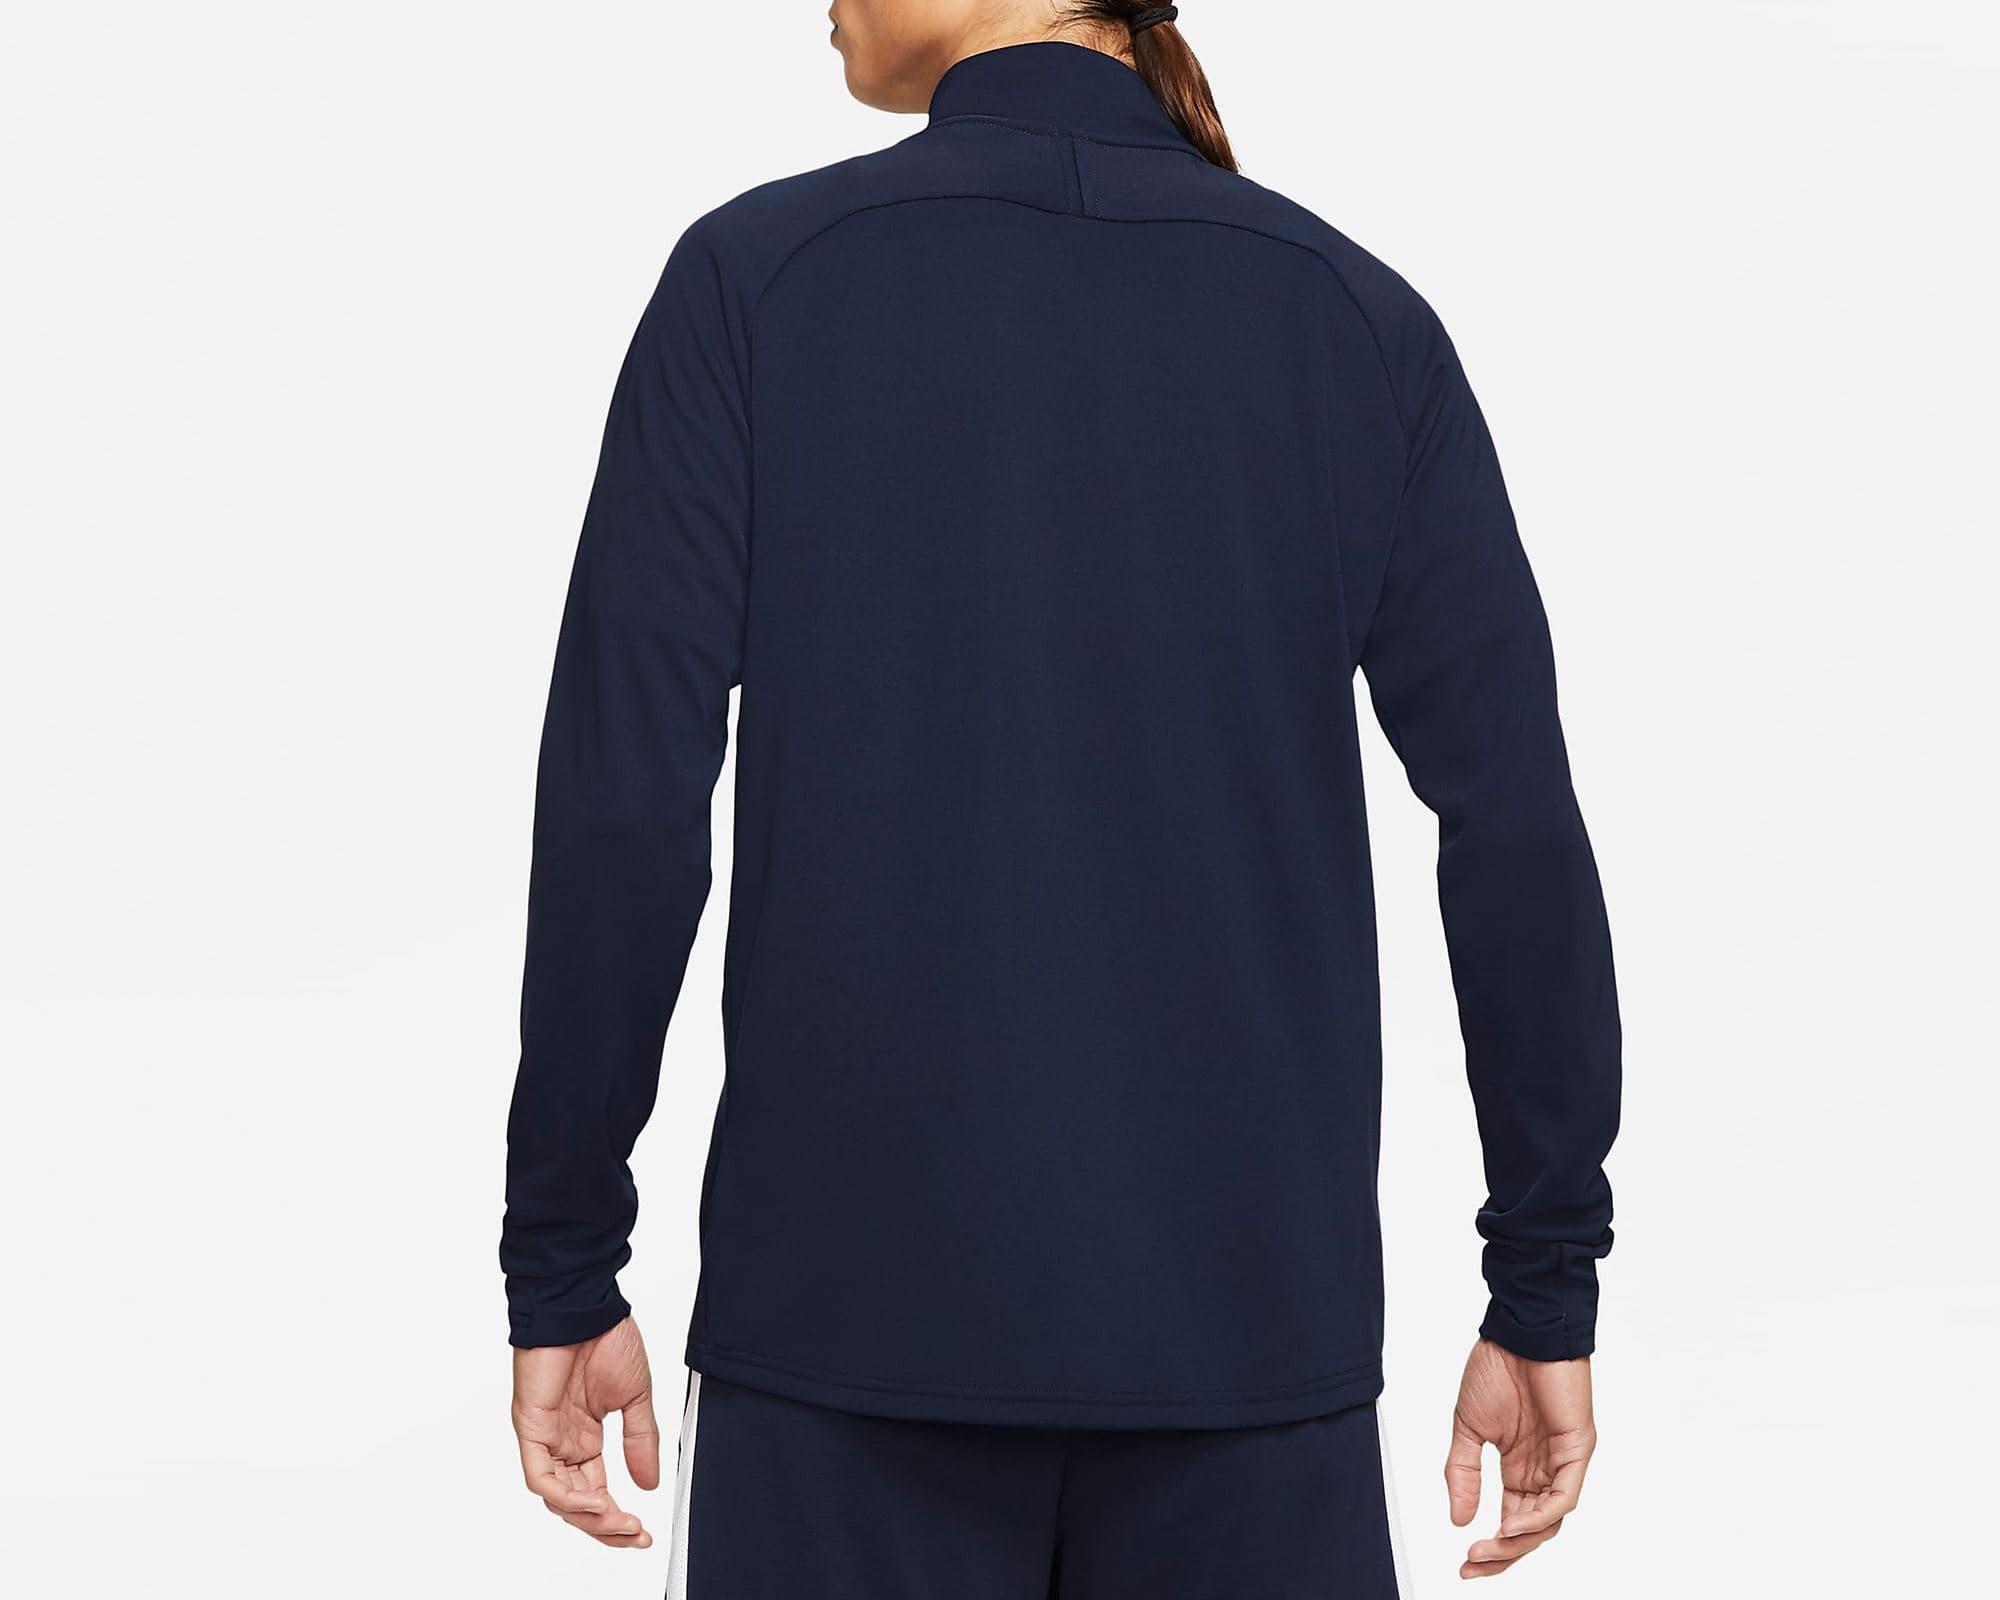 Academy 21 Erkek Mavi Uzun Kollu Tişört (CW6110-451)